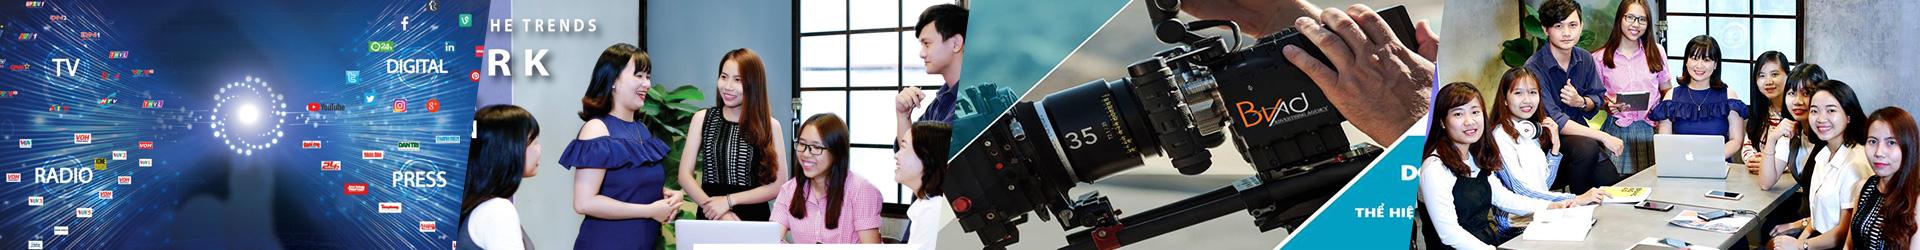 Trung Tâm Dịch Vụ Quảng Cáo BVAD tuyển dụng việc làm